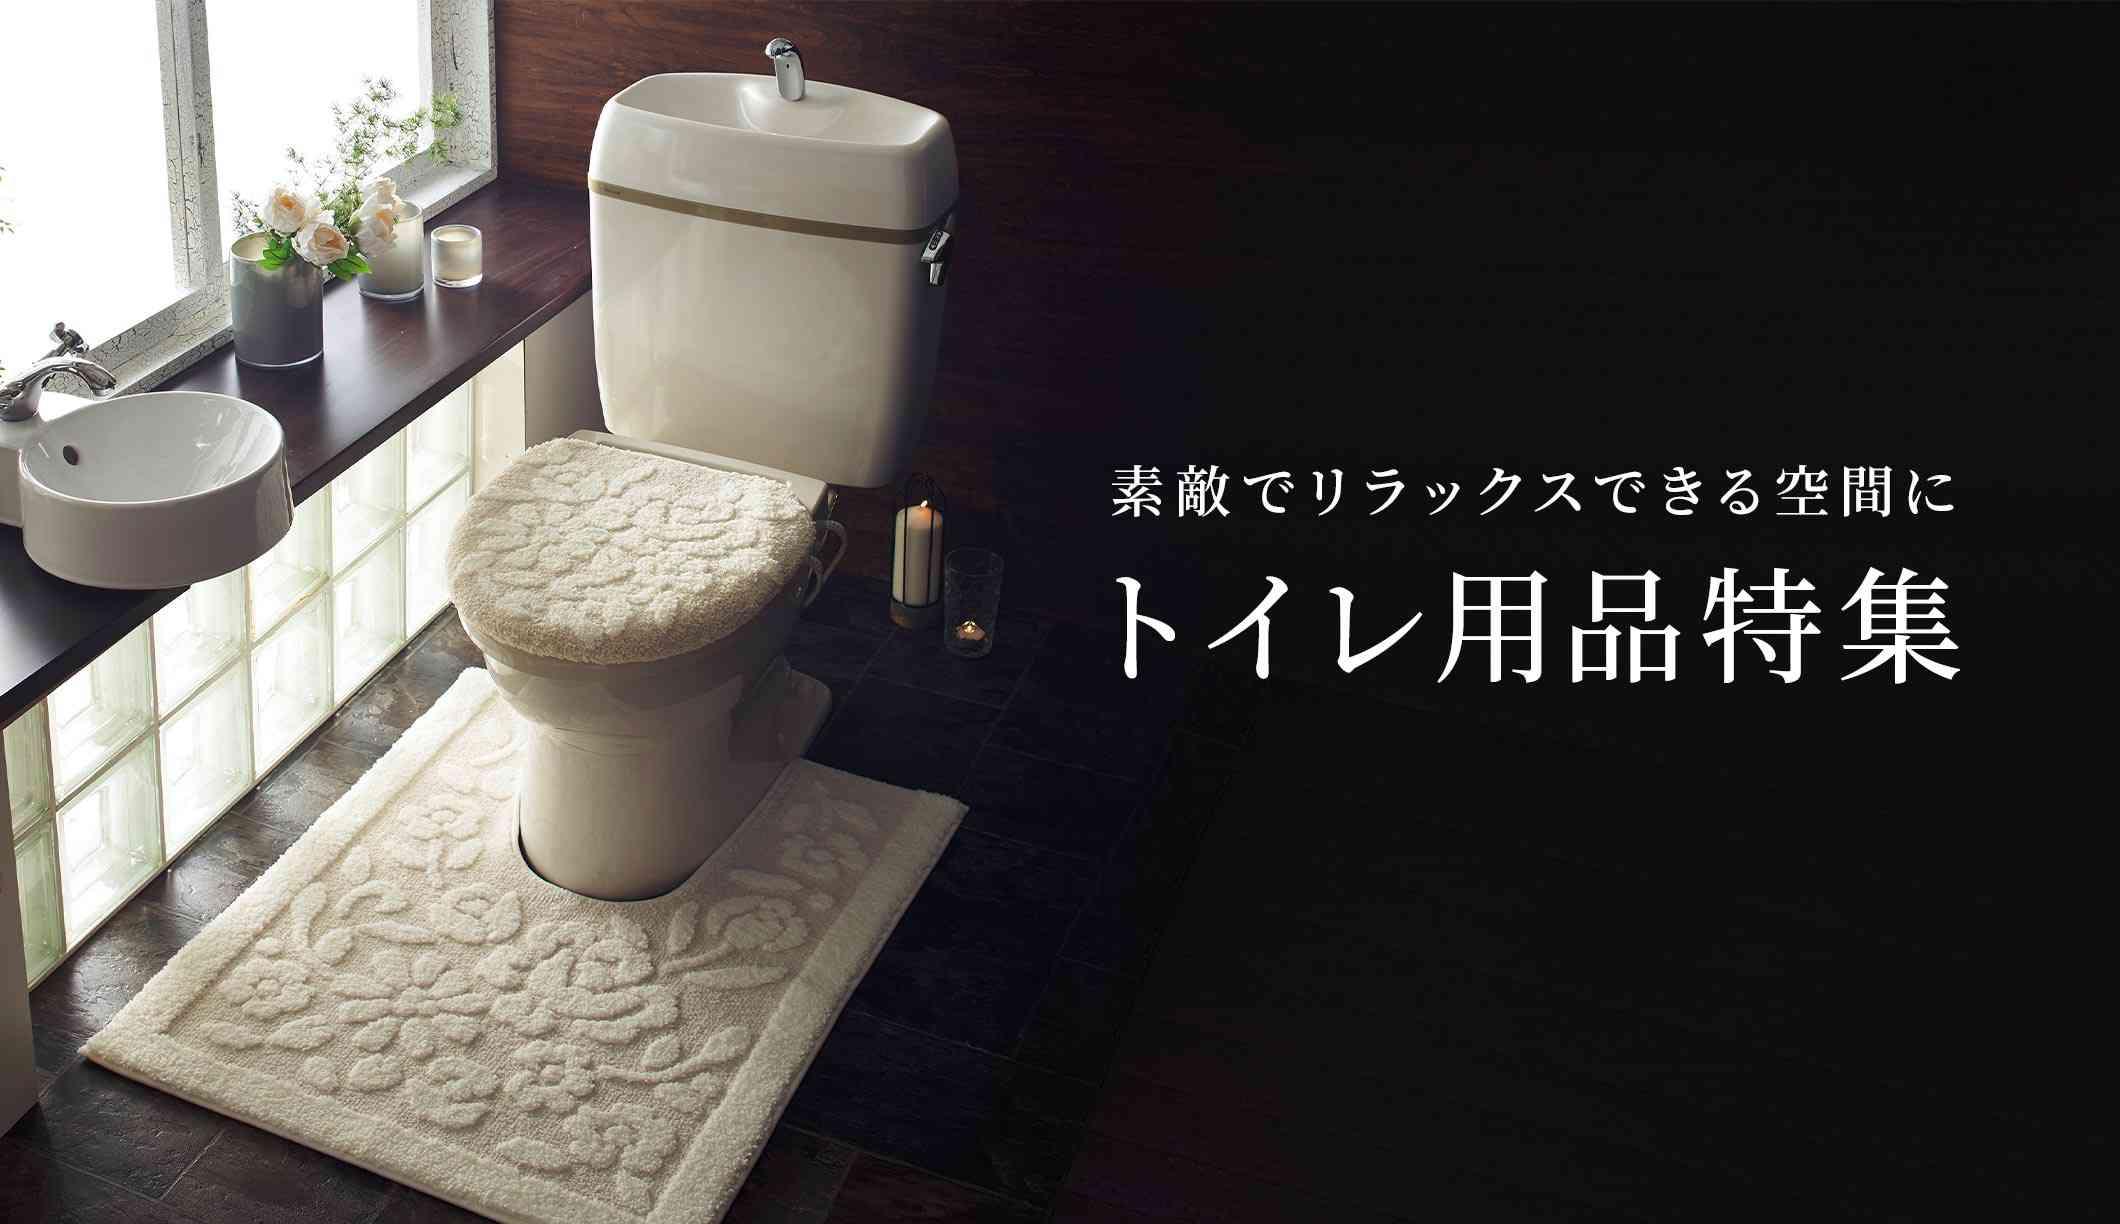 素敵でリラックスできる空間に-トイレ用品特集-